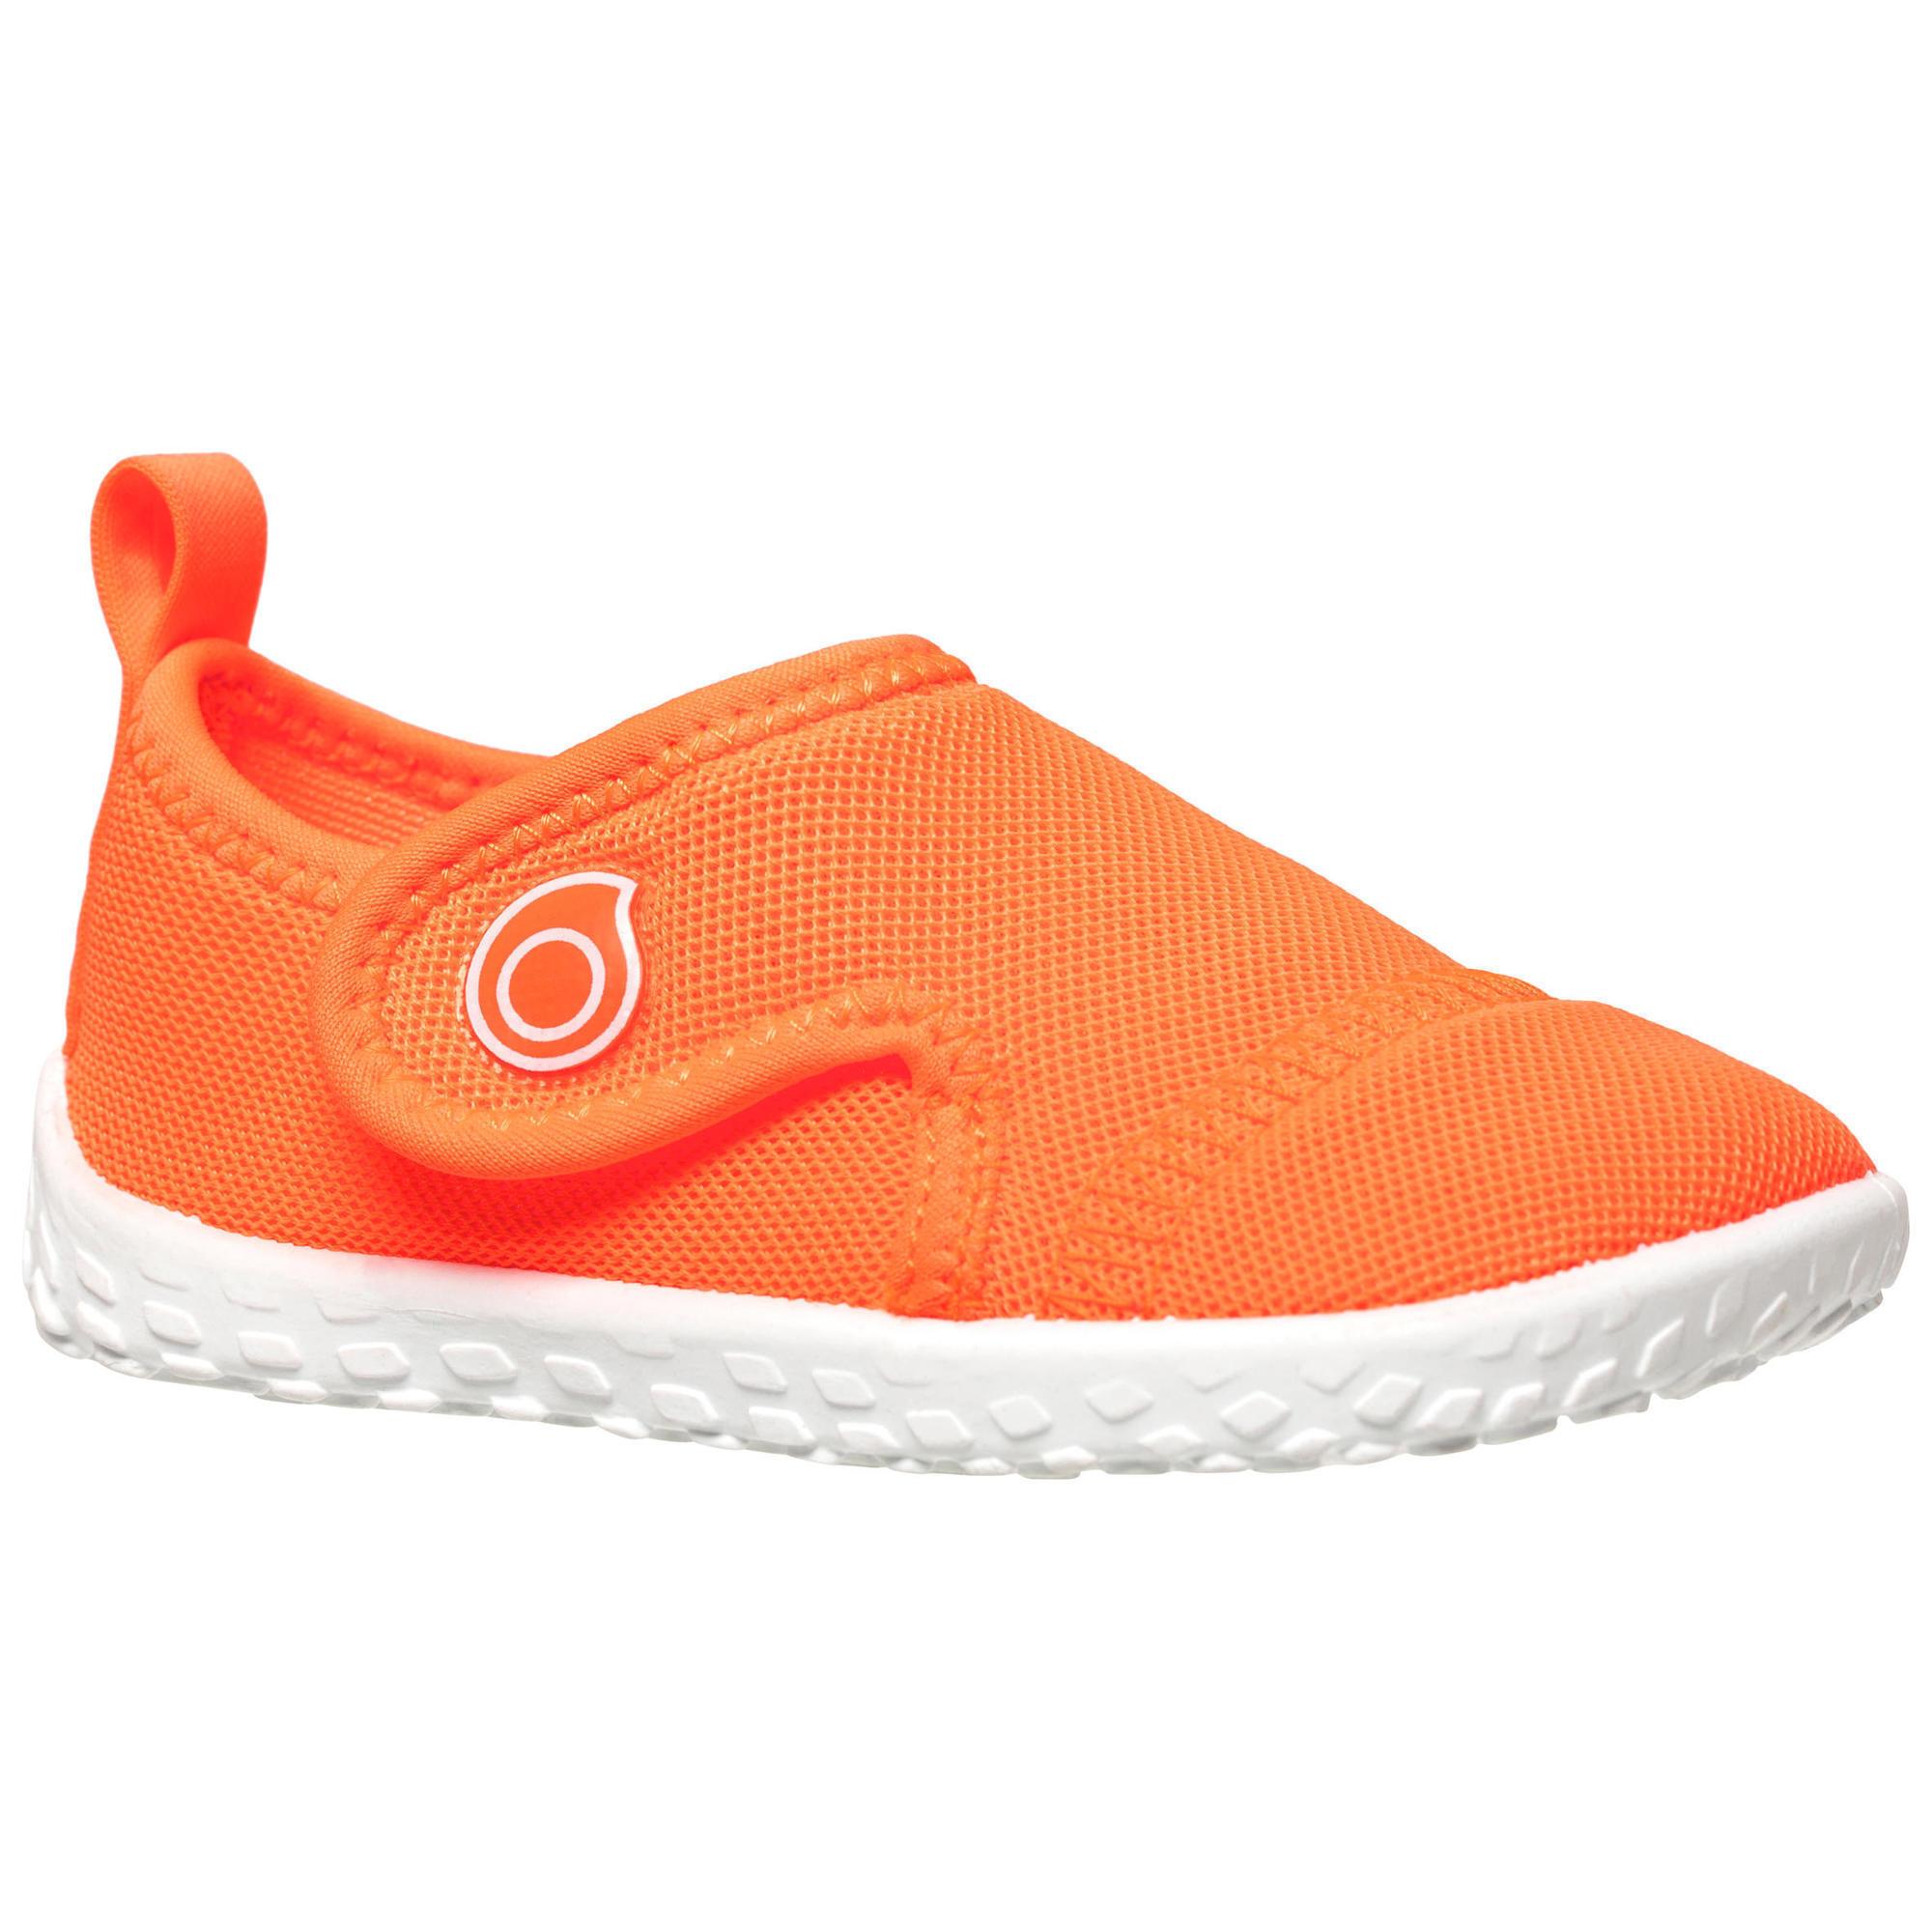 Chaussures aquatiques Aquashoes 100 bébé